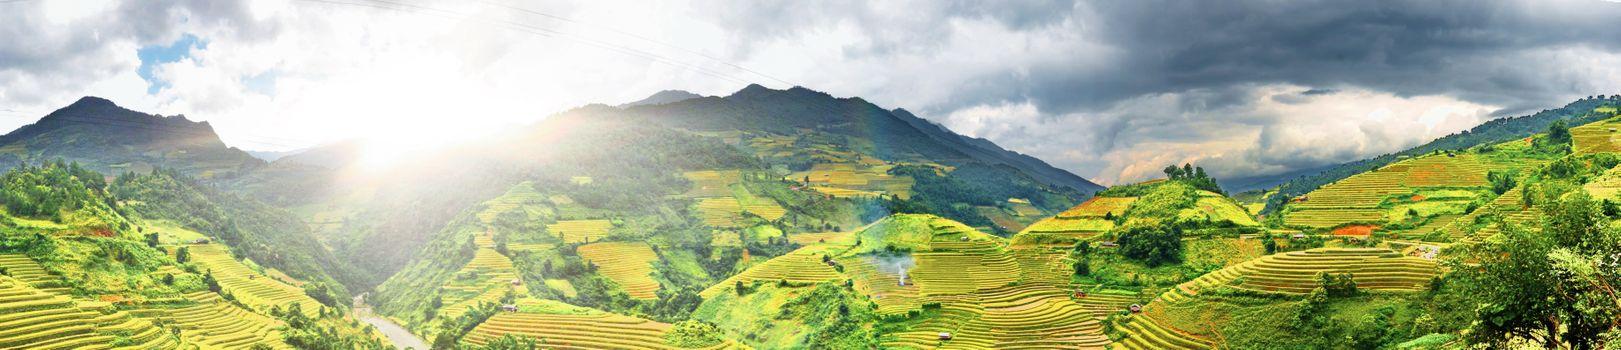 Бесплатные фото панорама,природа,Растительность,Горная станция,Монтировать декорации,естественный запас,Туристическая достопримечательность,гора,Терраса,Джунгли,пейзаж,небо